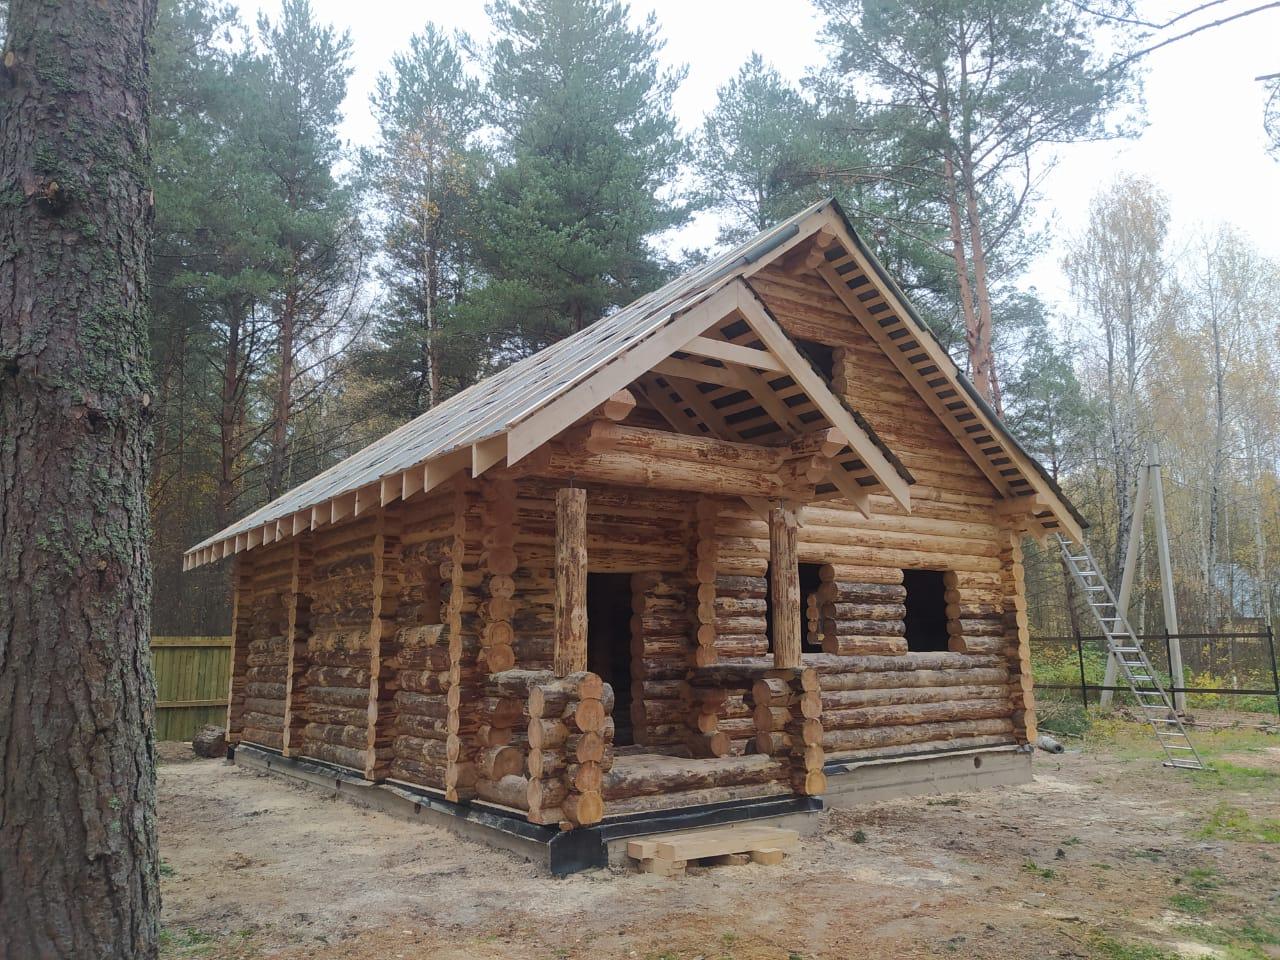 Фото: Бревенчатый дом ручной рубки в Тверской области, г. Кимры